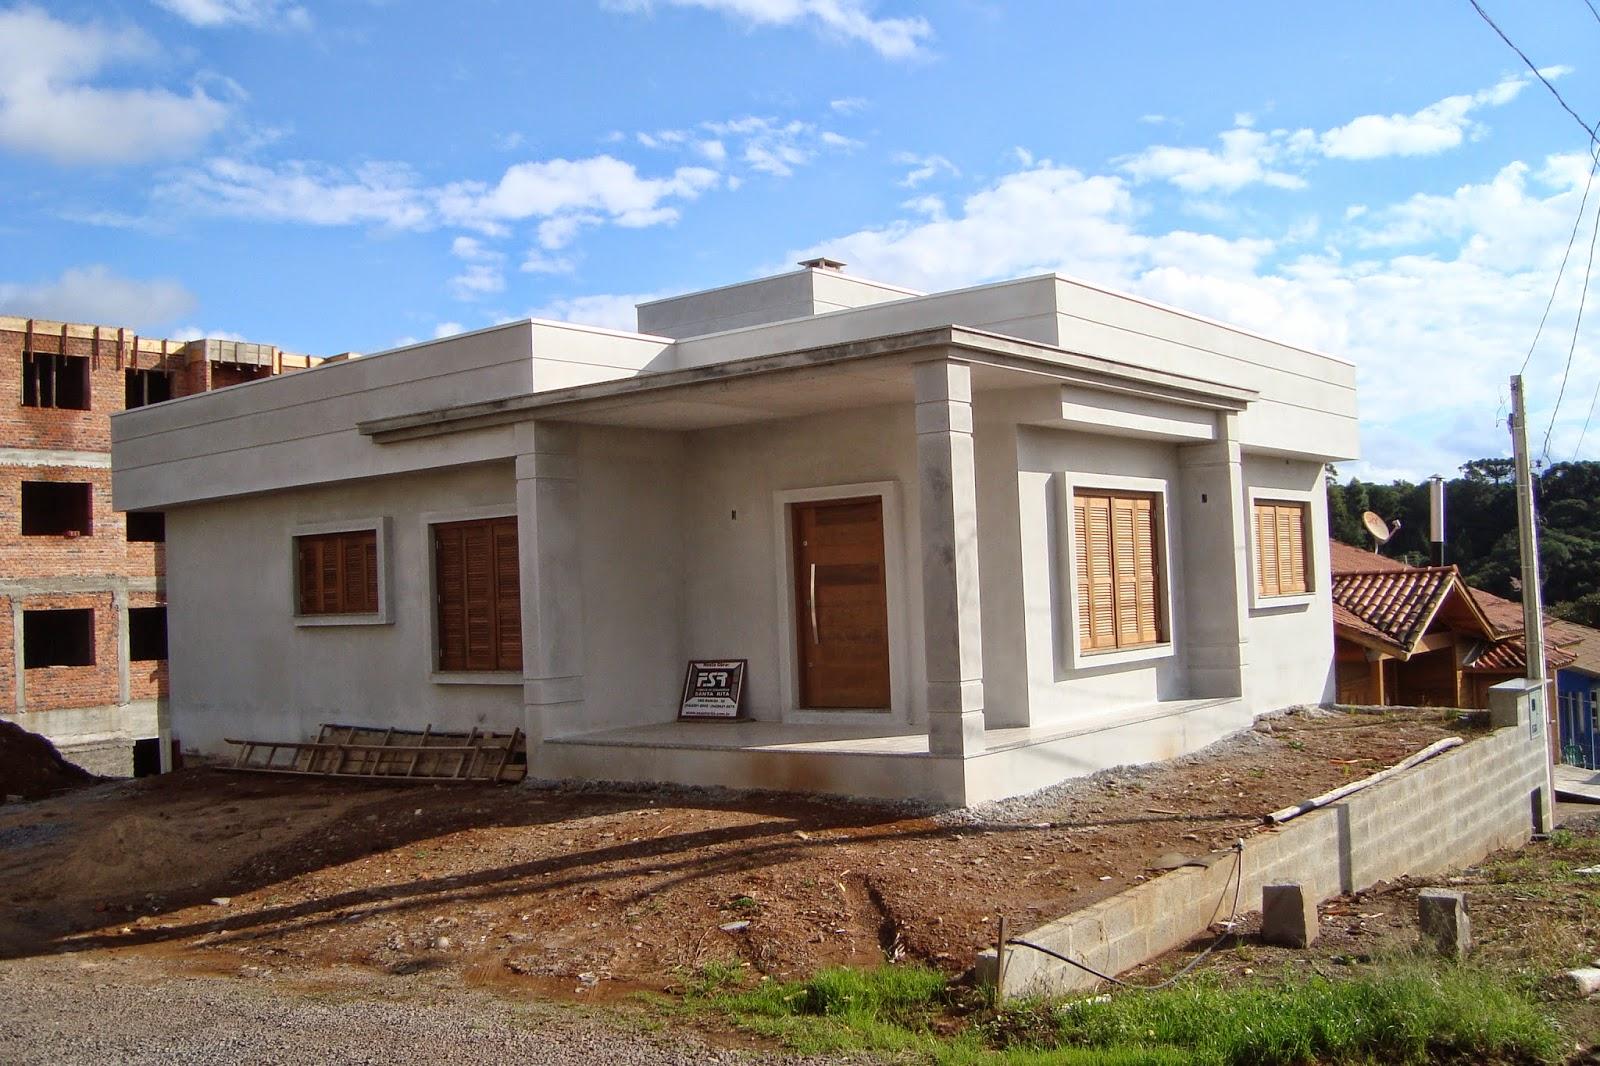 #0D5FBE Casa da Claudia: Casa com Portas e Janelas já temos chaves :) 1592 Vidros Nas Janelas